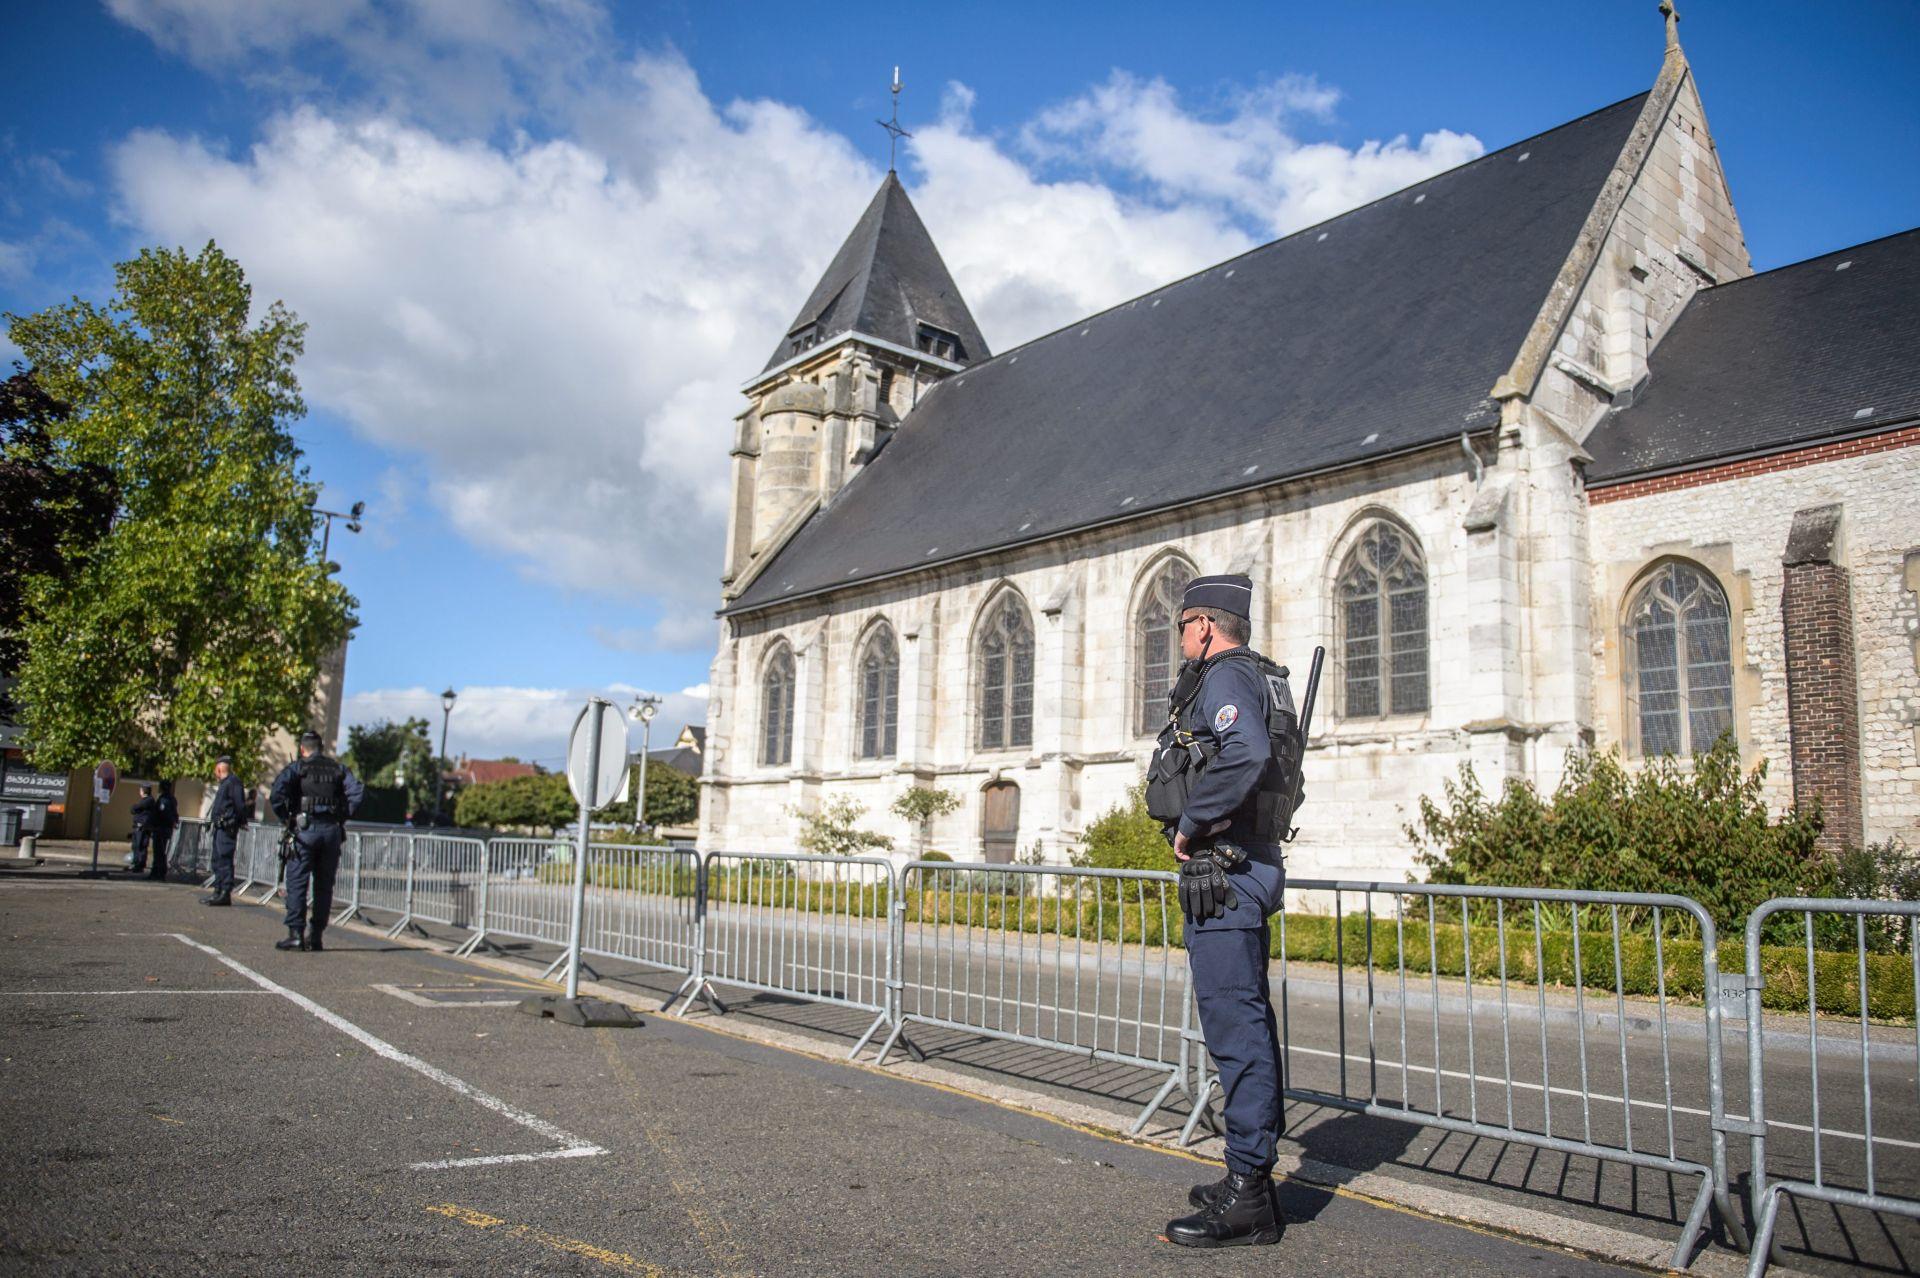 NAKON DVA MJESECA: Francuska crkva u kojoj je ubijen svećenik ponovno se otvara